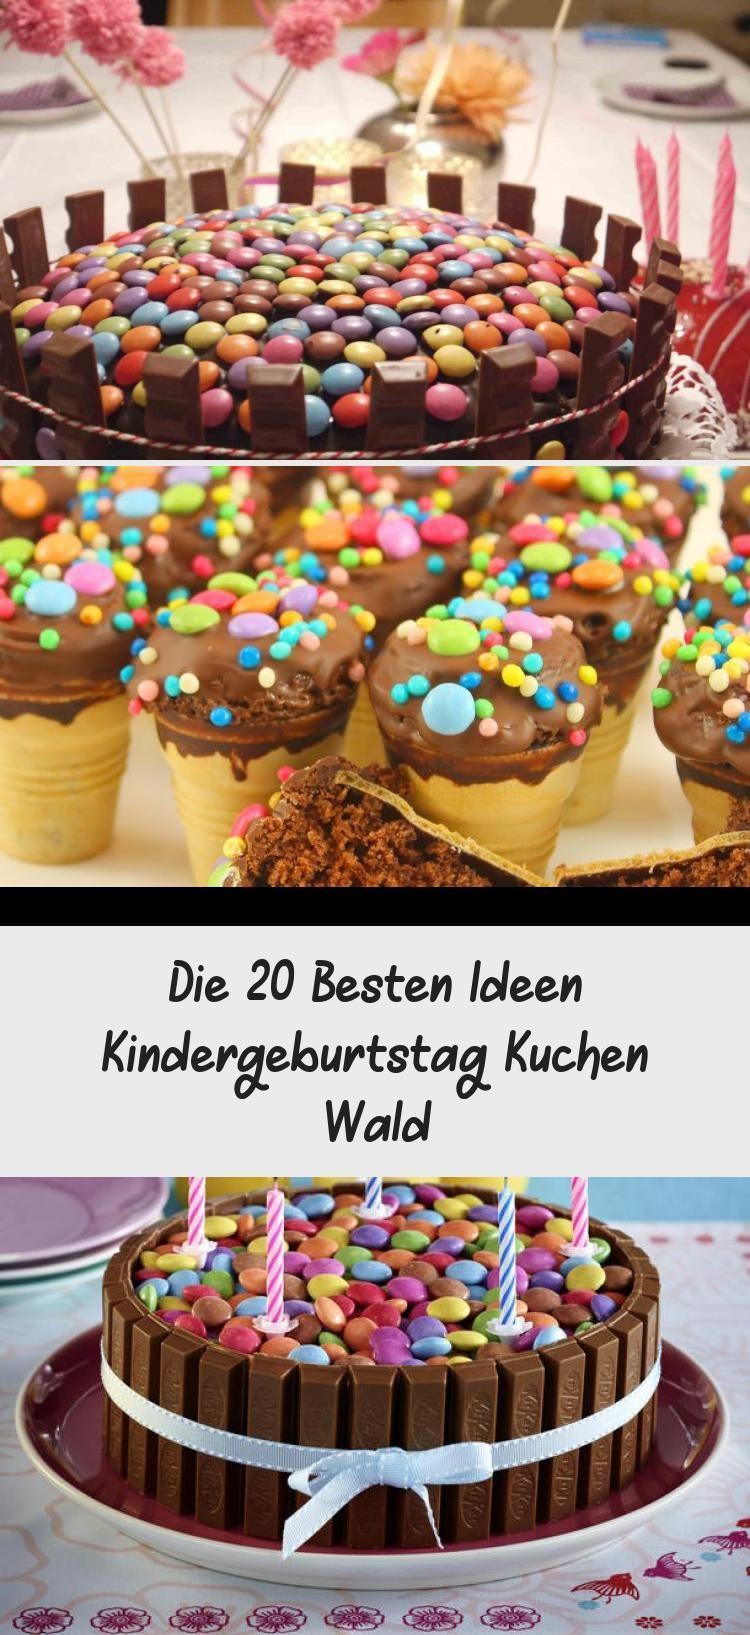 Photo of .The 20 Best Ideas Children's Birthday Cake Forest #PinataCakeChocolate #PinataKuc …